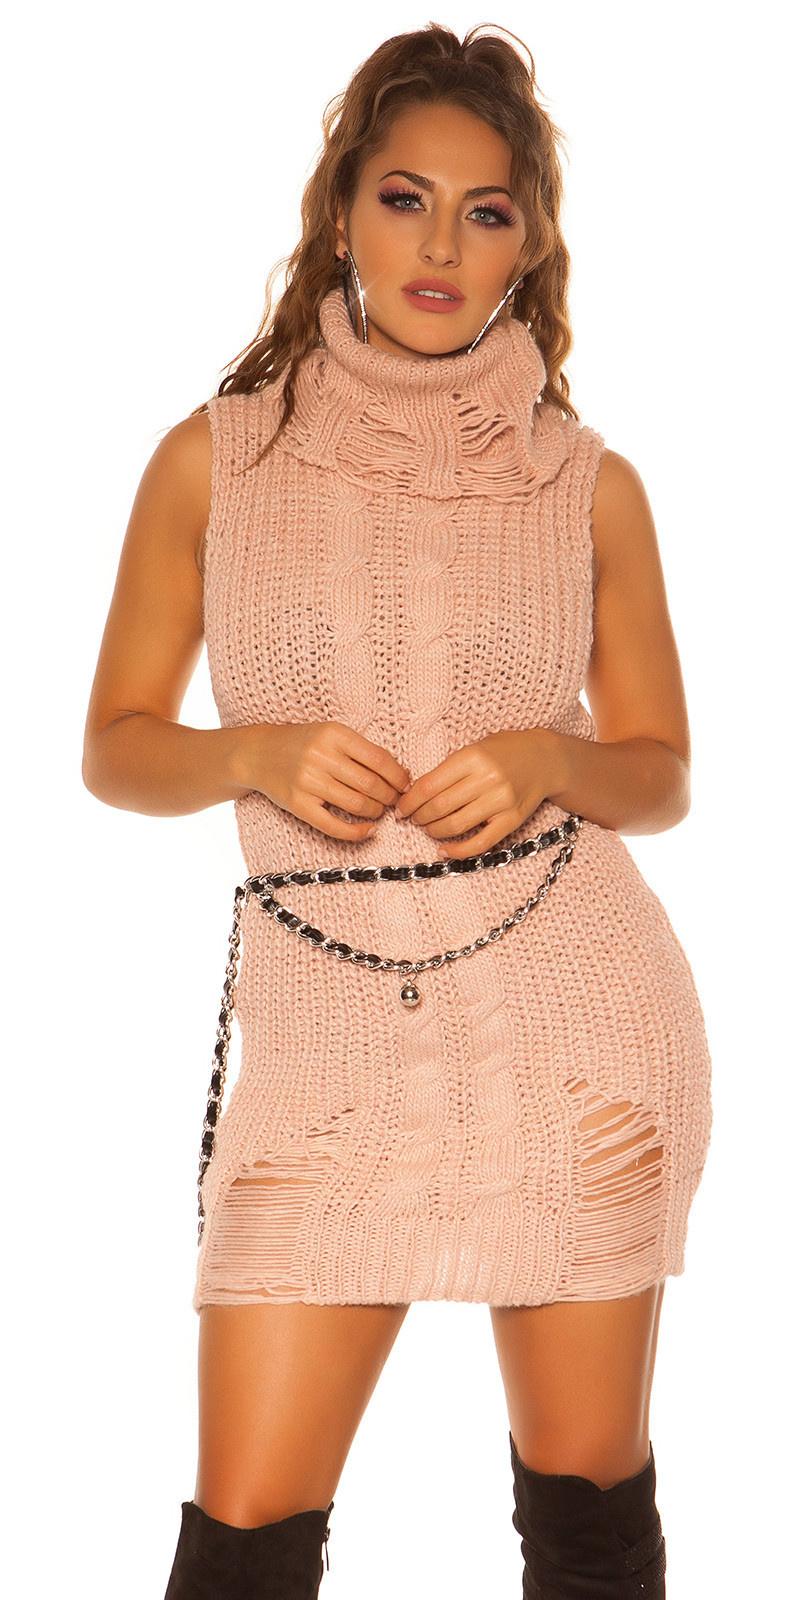 Trendy col gebreide mini jurkje - lange trui antiekroze